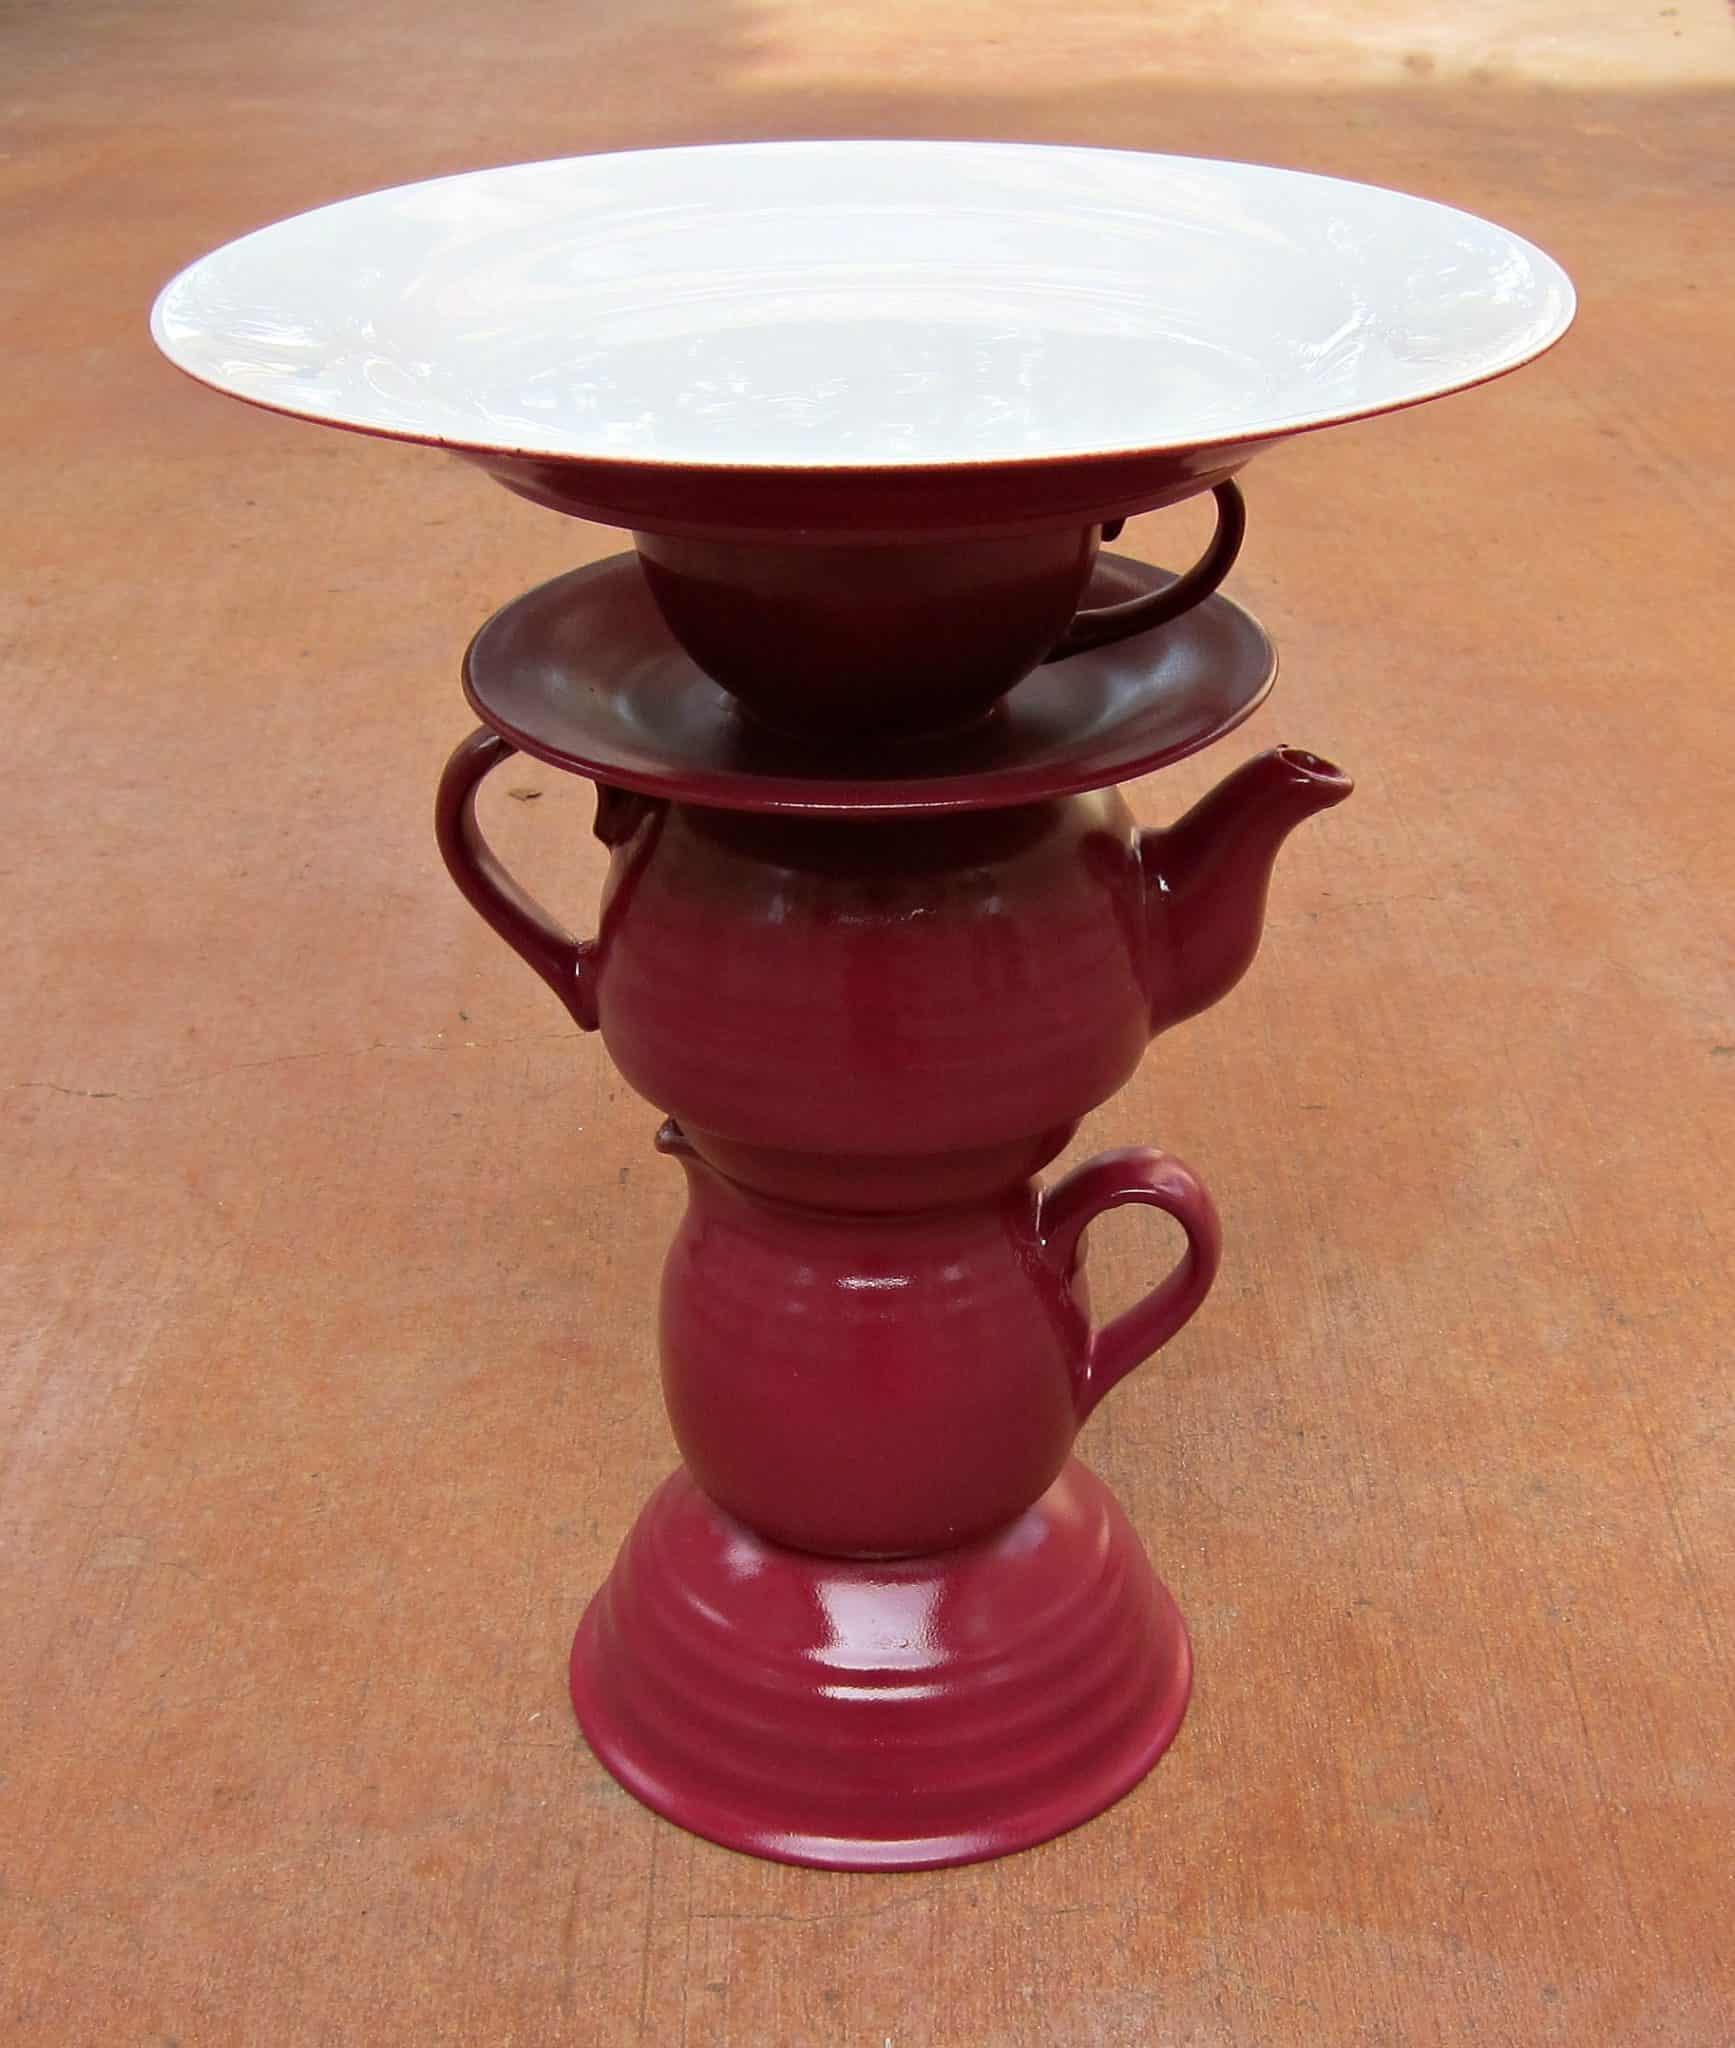 DIY teapot cake stand